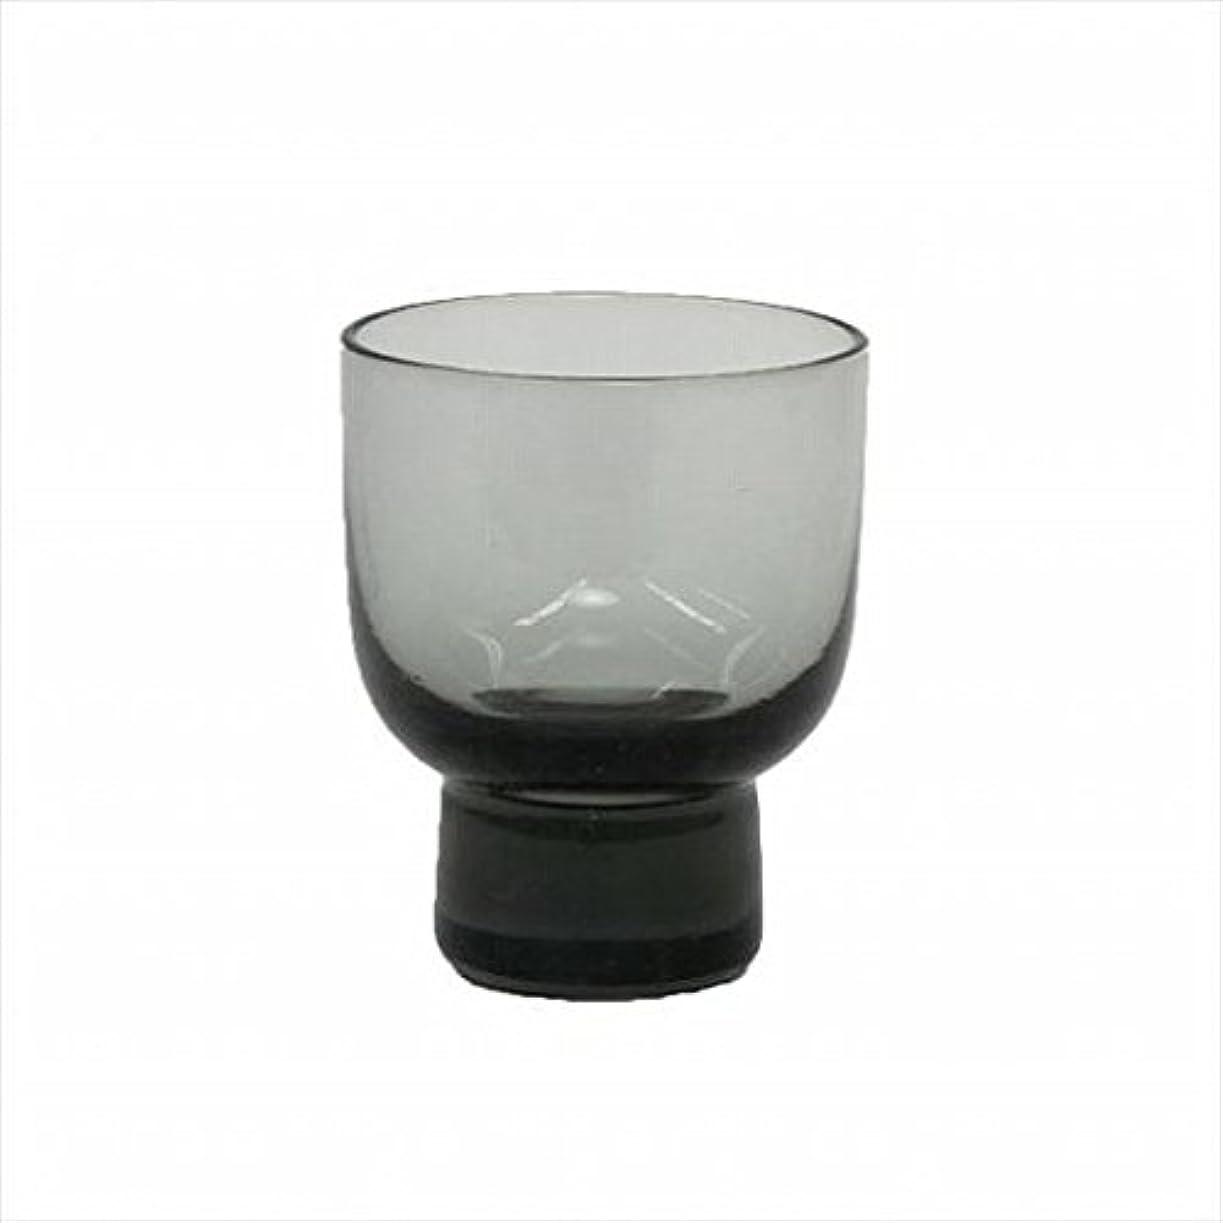 男やもめ滴下失効kameyama candle(カメヤマキャンドル) ロキカップ 「 スモーク 」 キャンドル 58x58x70mm (I8236100SM)